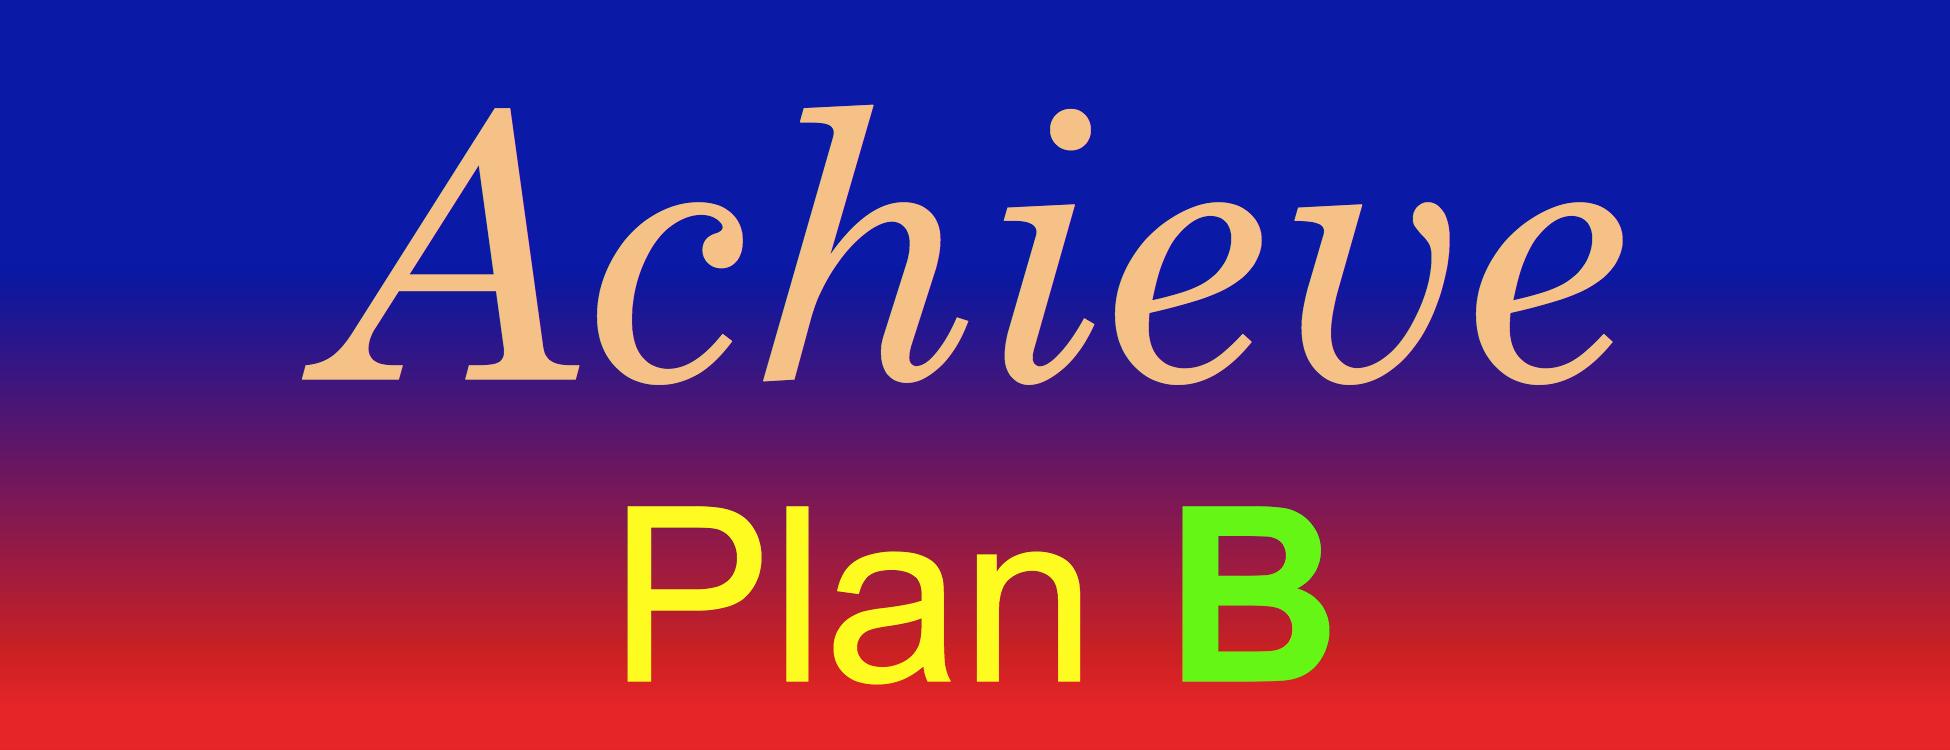 151108.achieveplanb